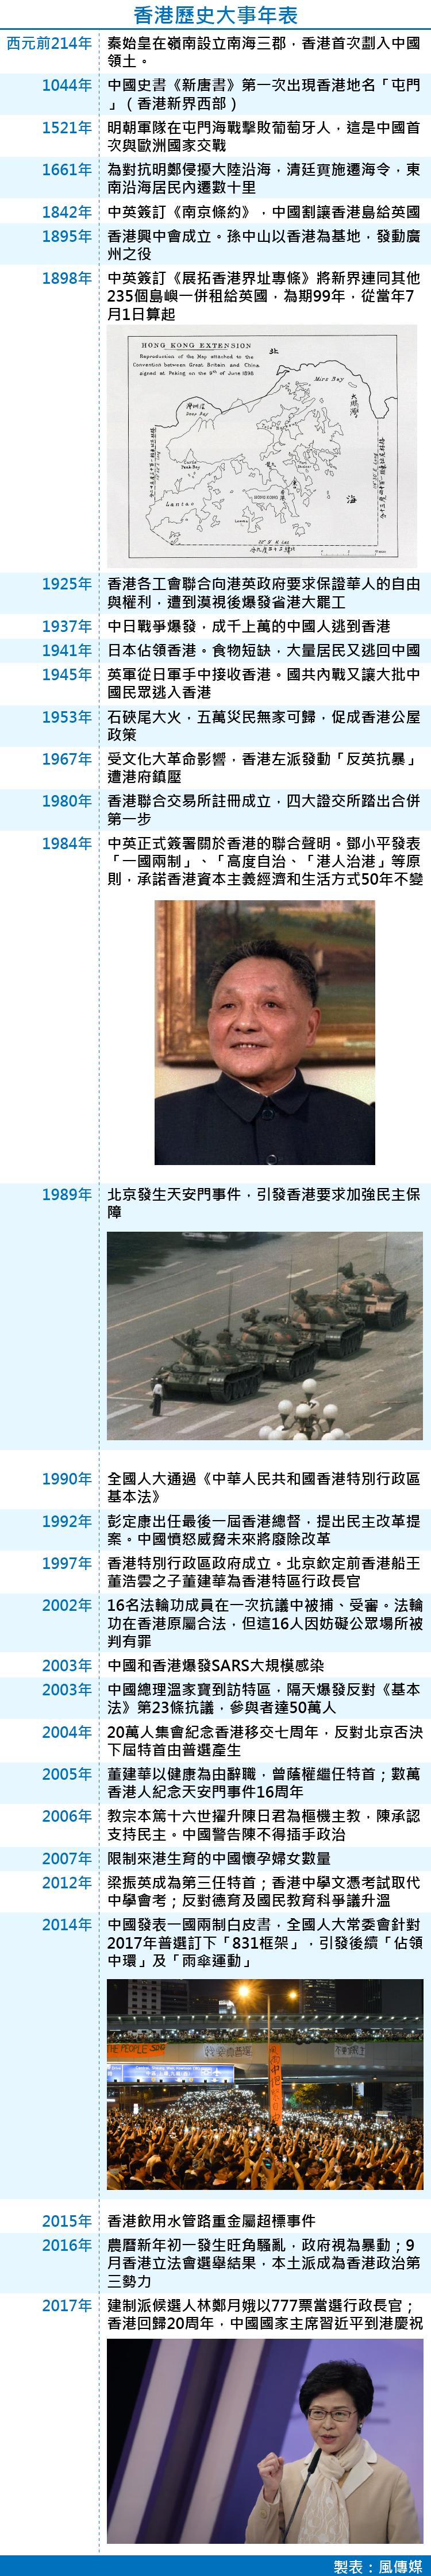 香港歷史大事年表